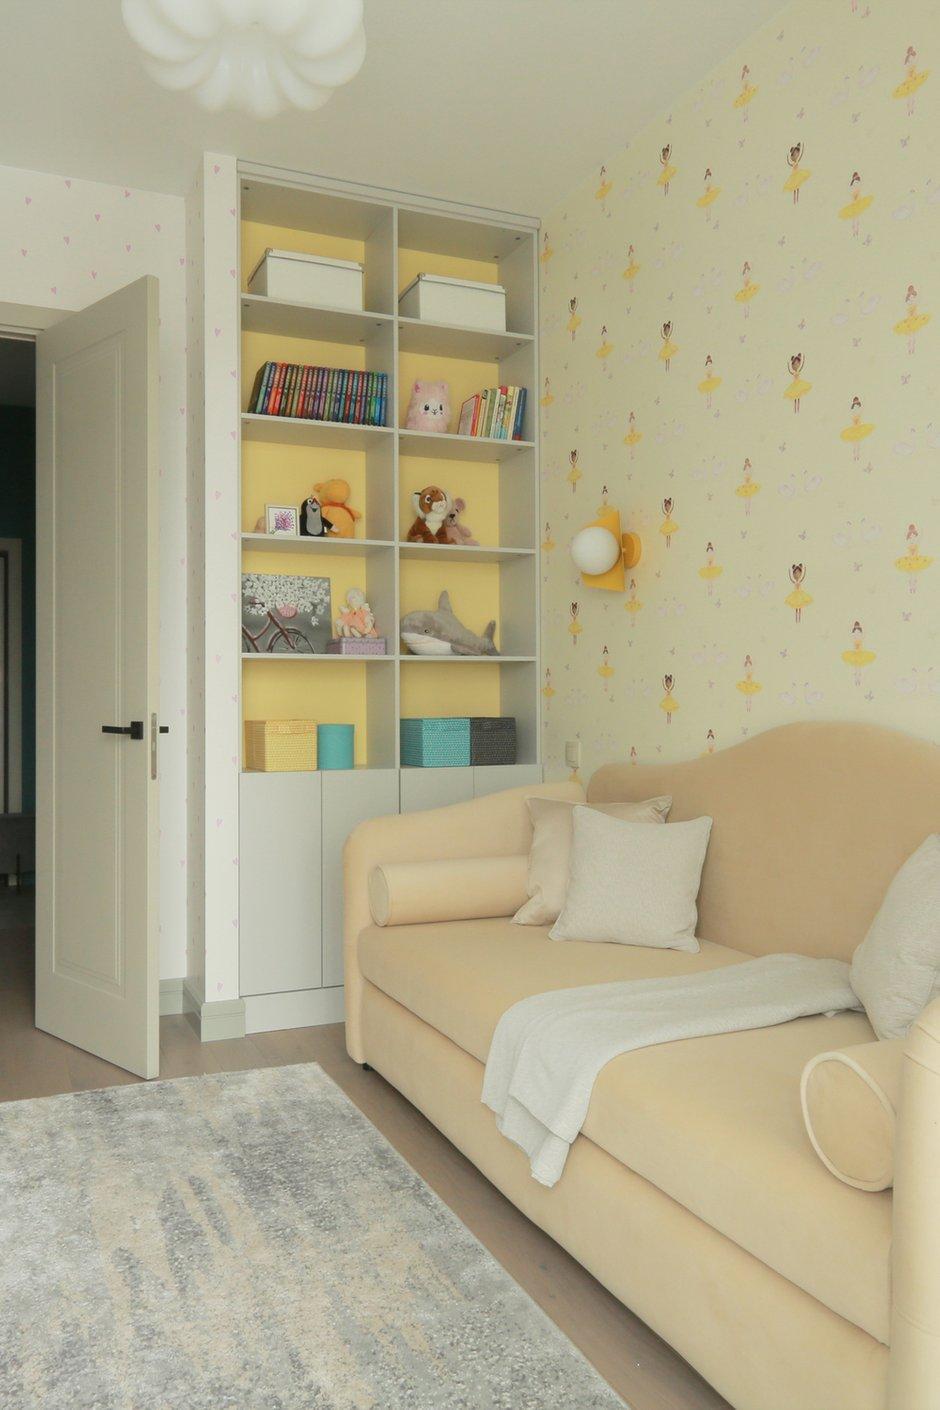 Фотография: Детская в стиле Современный, Квартира, Проект недели, Москва, 3 комнаты, 60-90 метров, Ирина Сагун – фото на INMYROOM